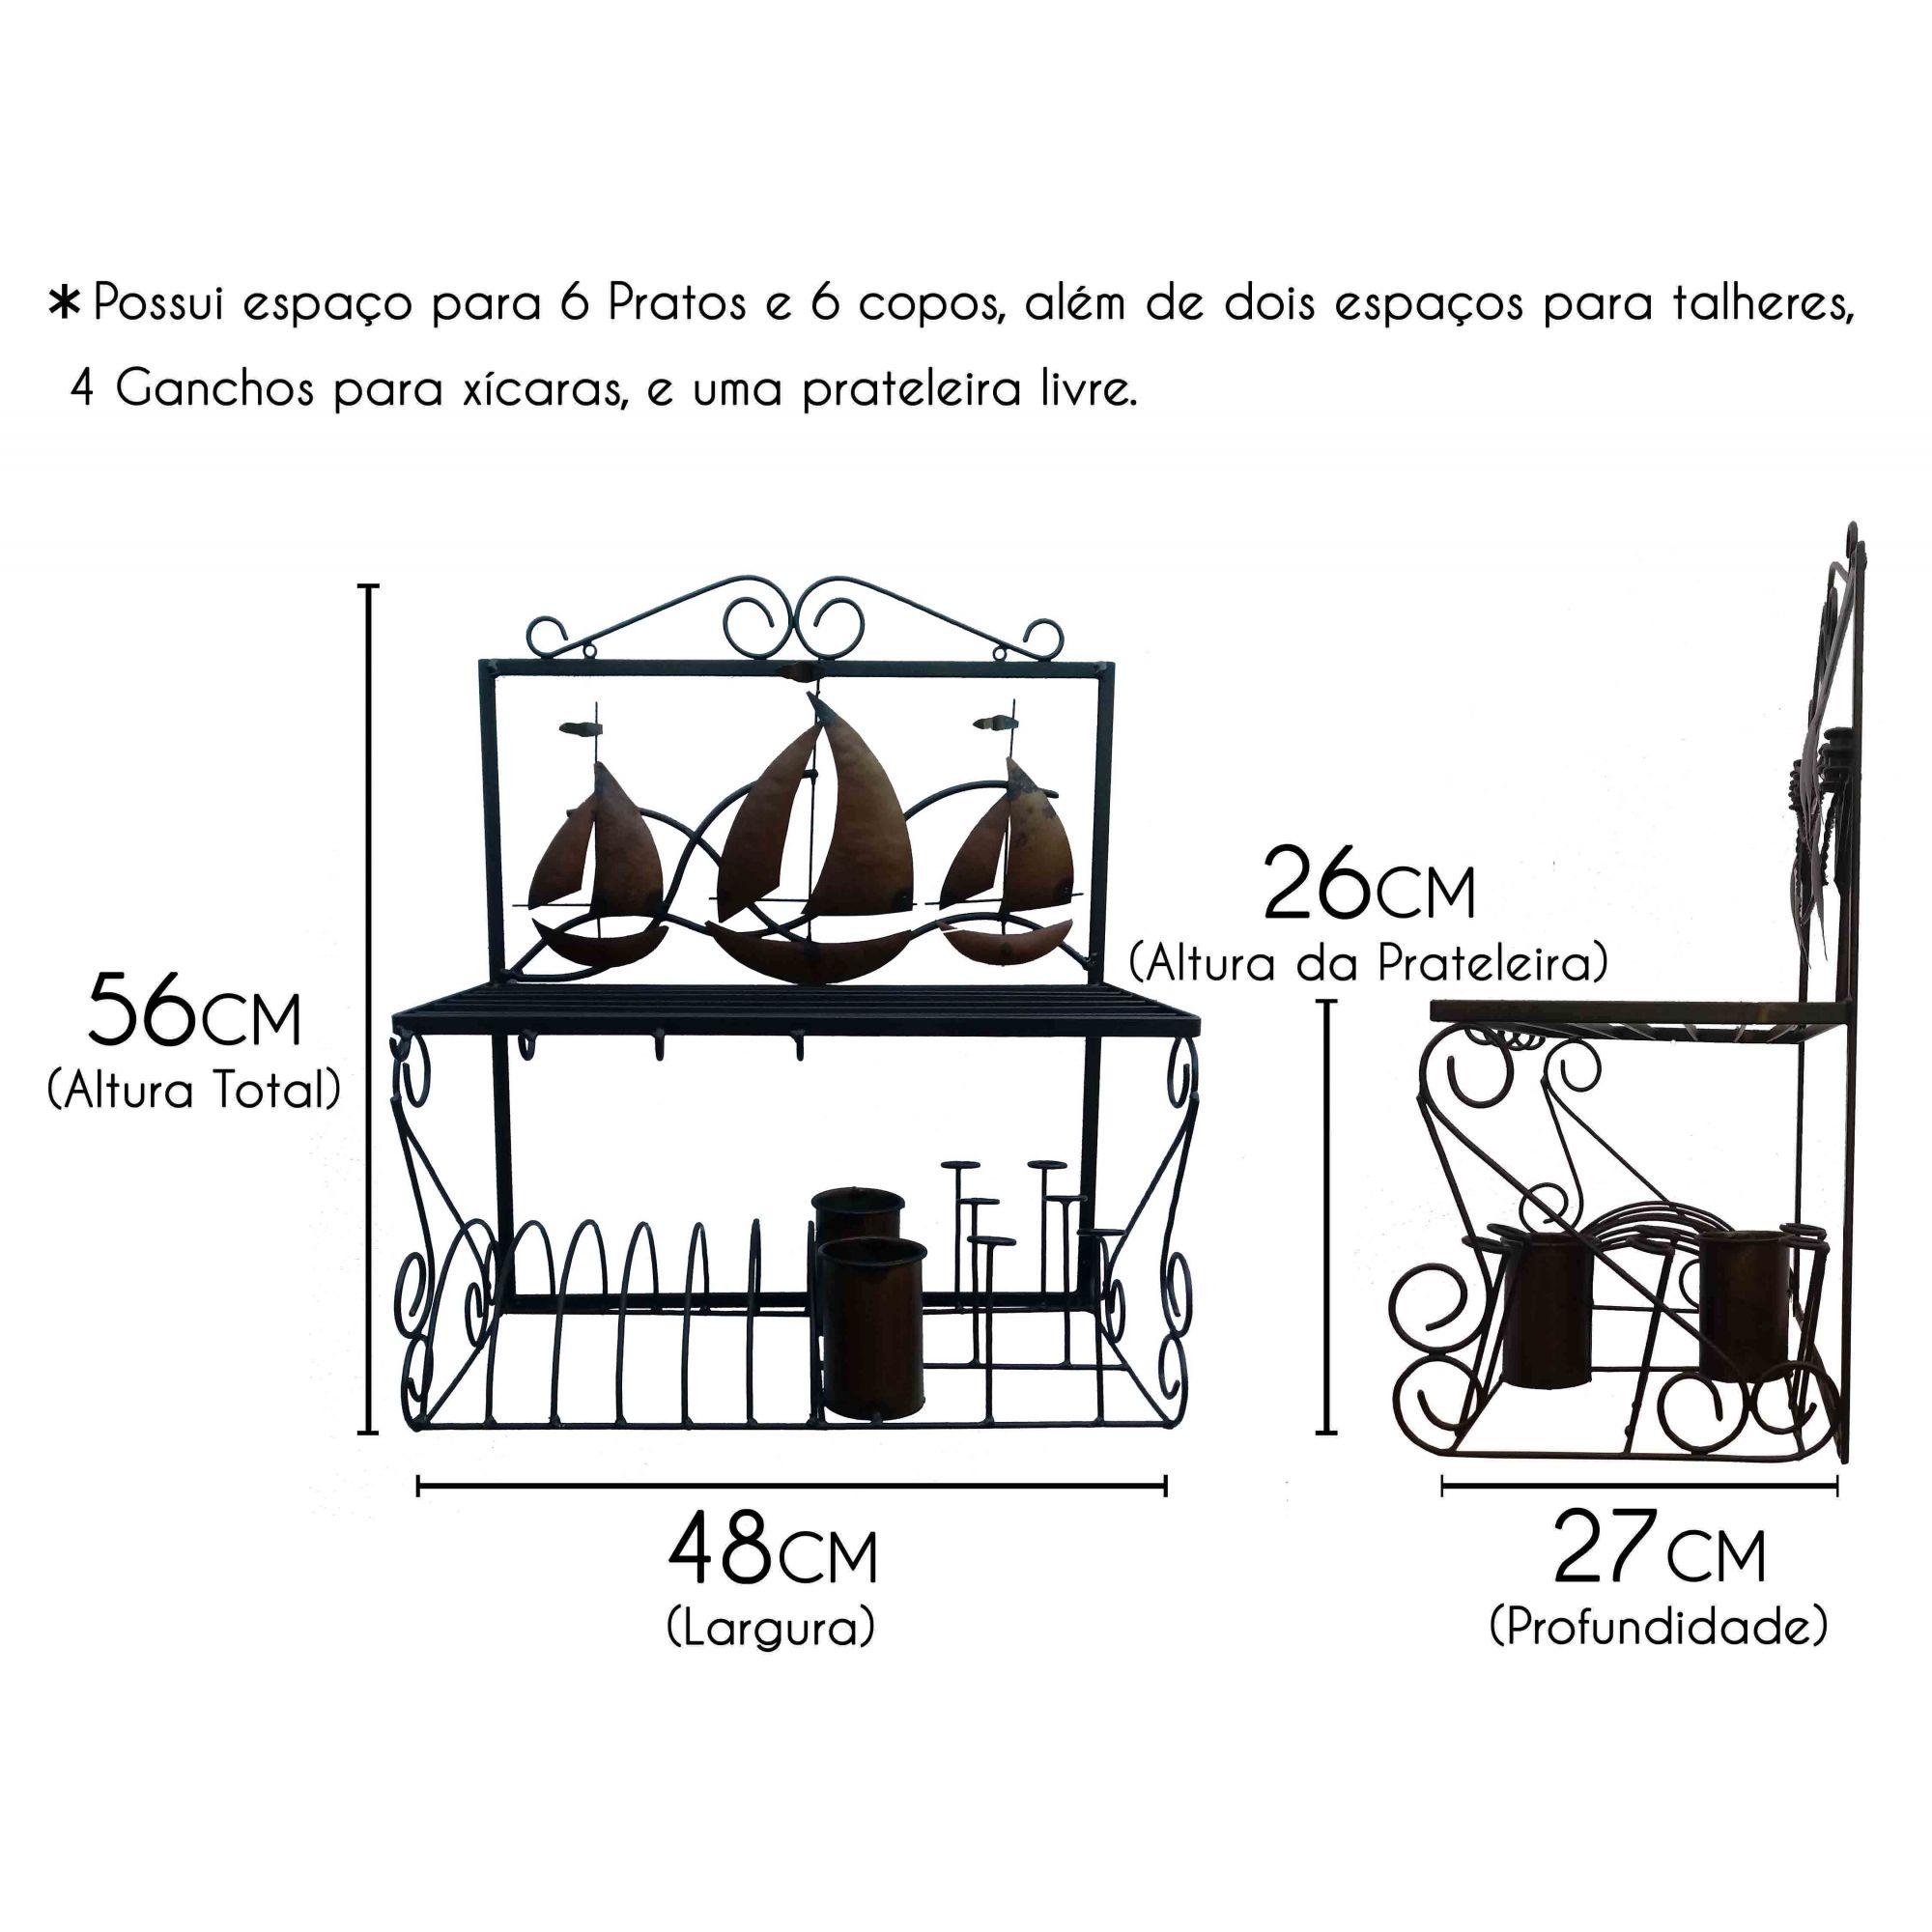 Suporte de Pratos e Copos para Decoração Interna de Cozinha Moderna